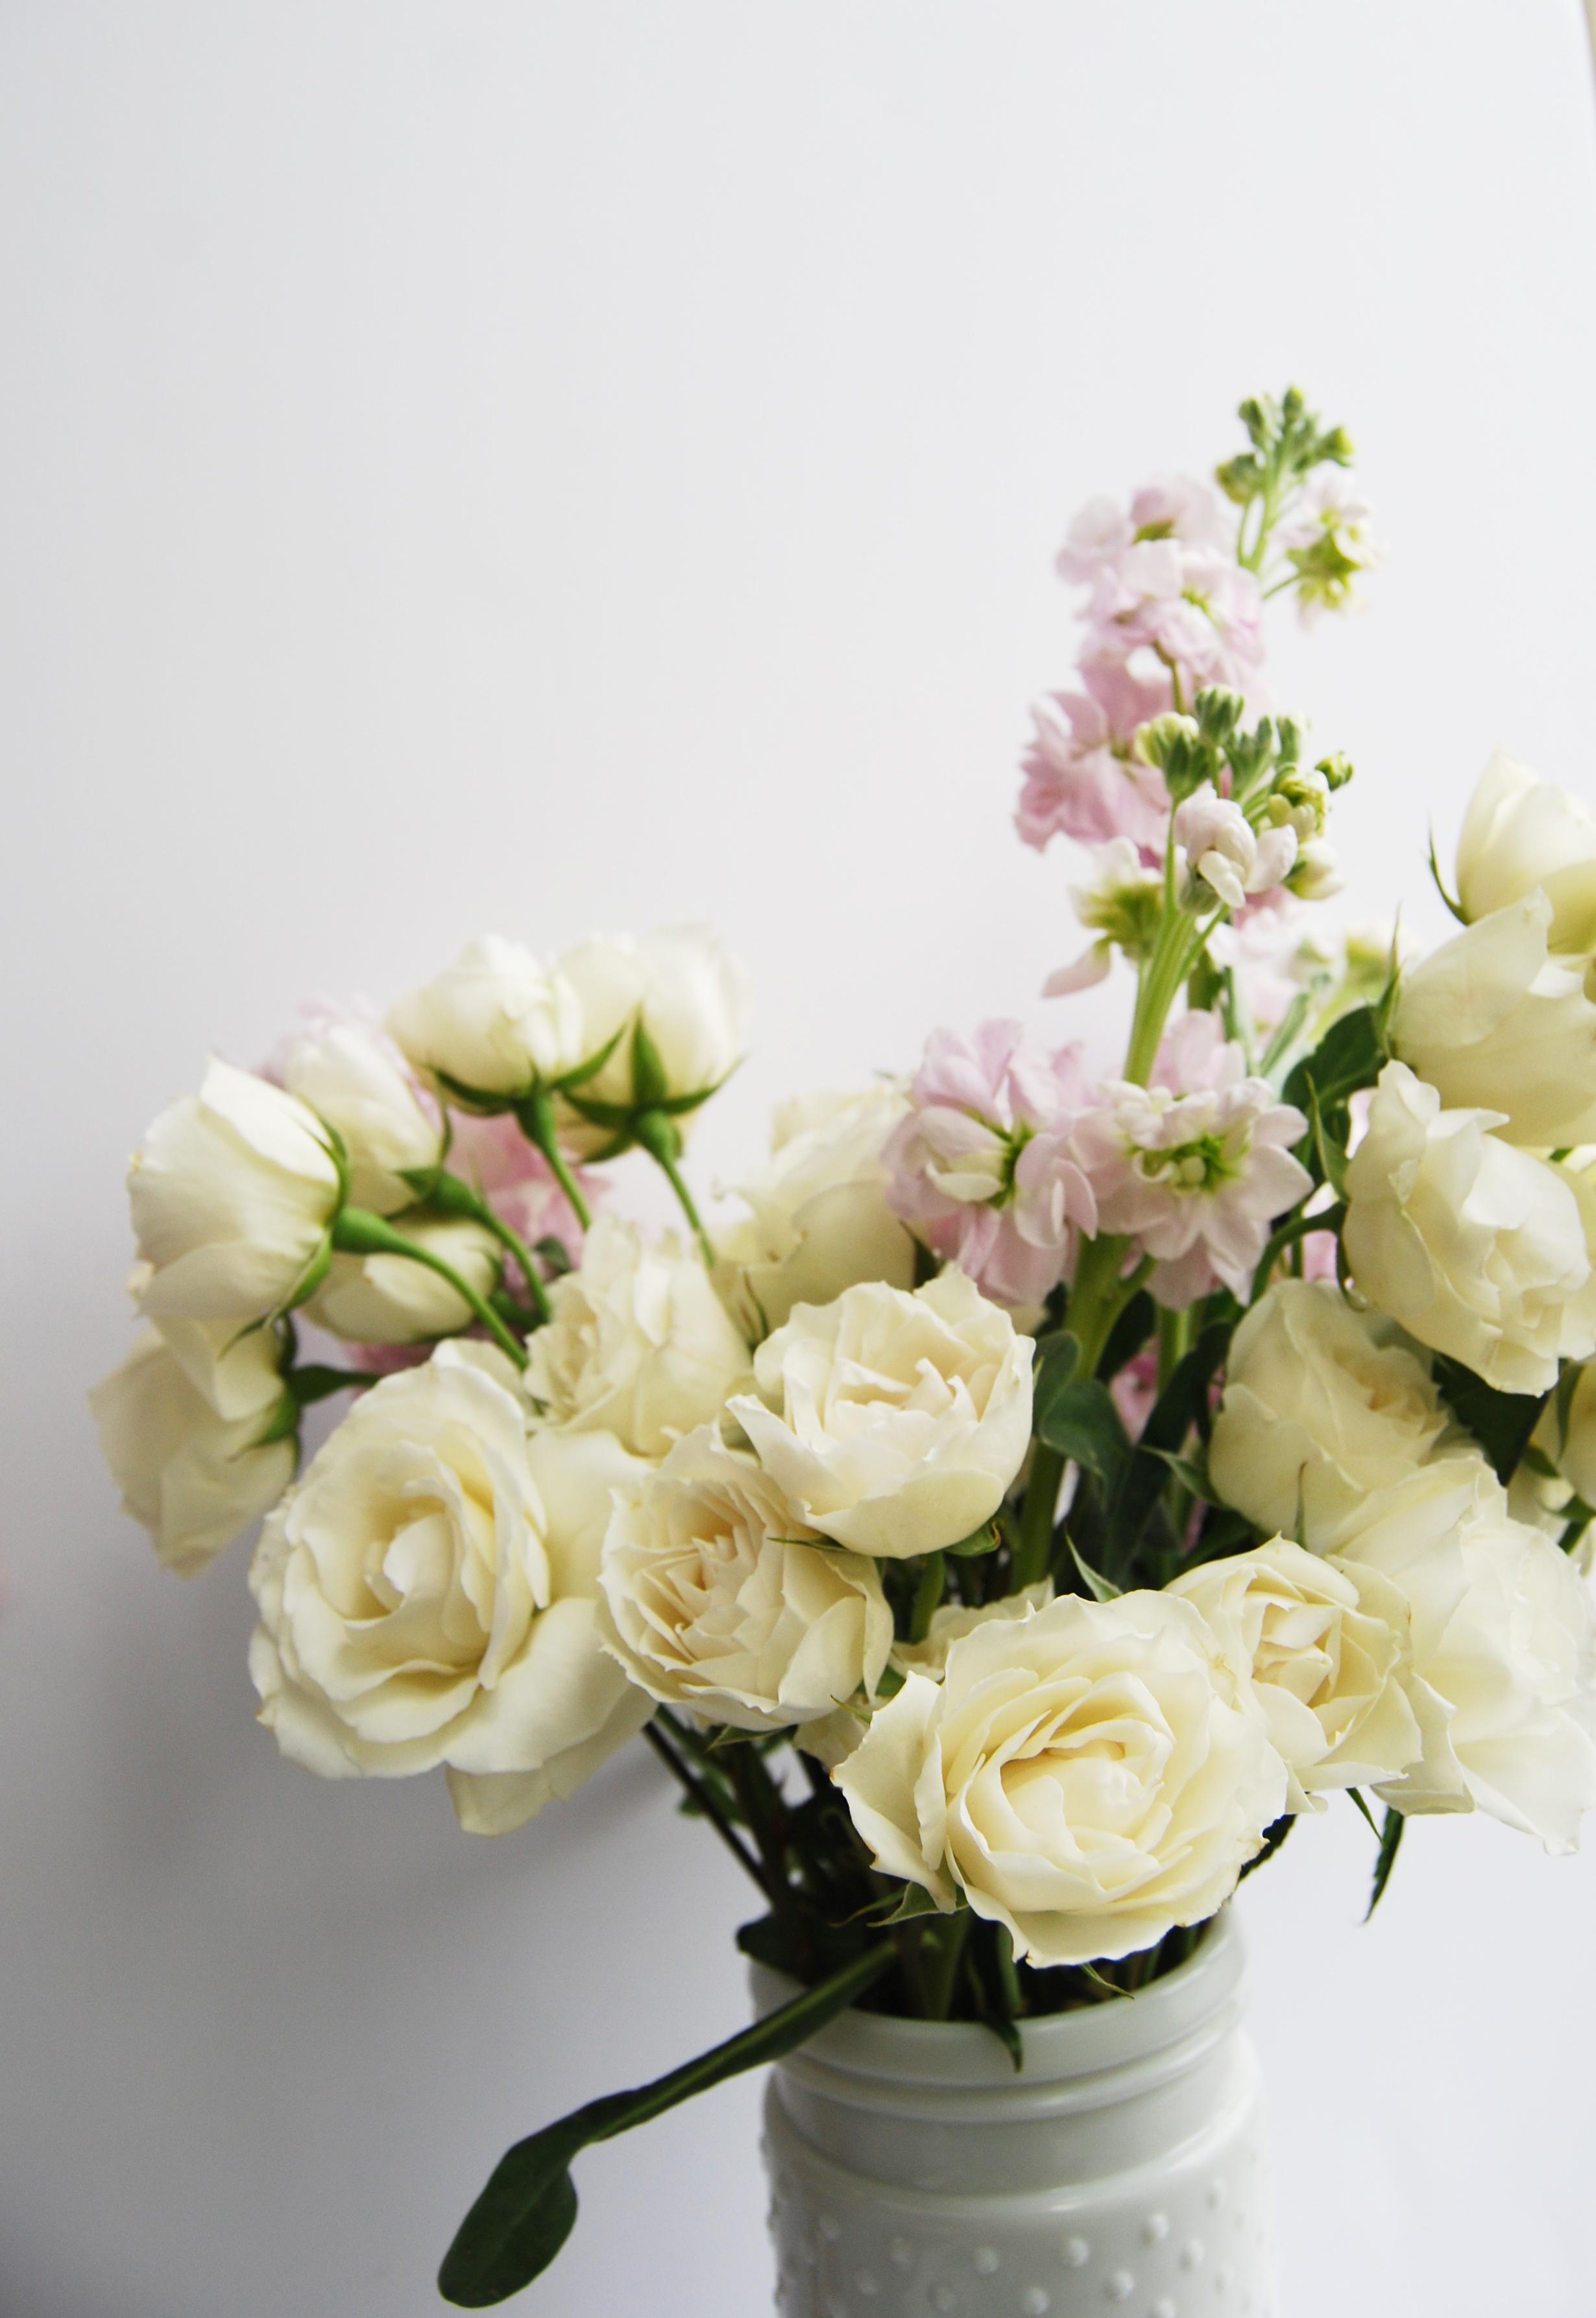 flower_arrangement_12.jpg